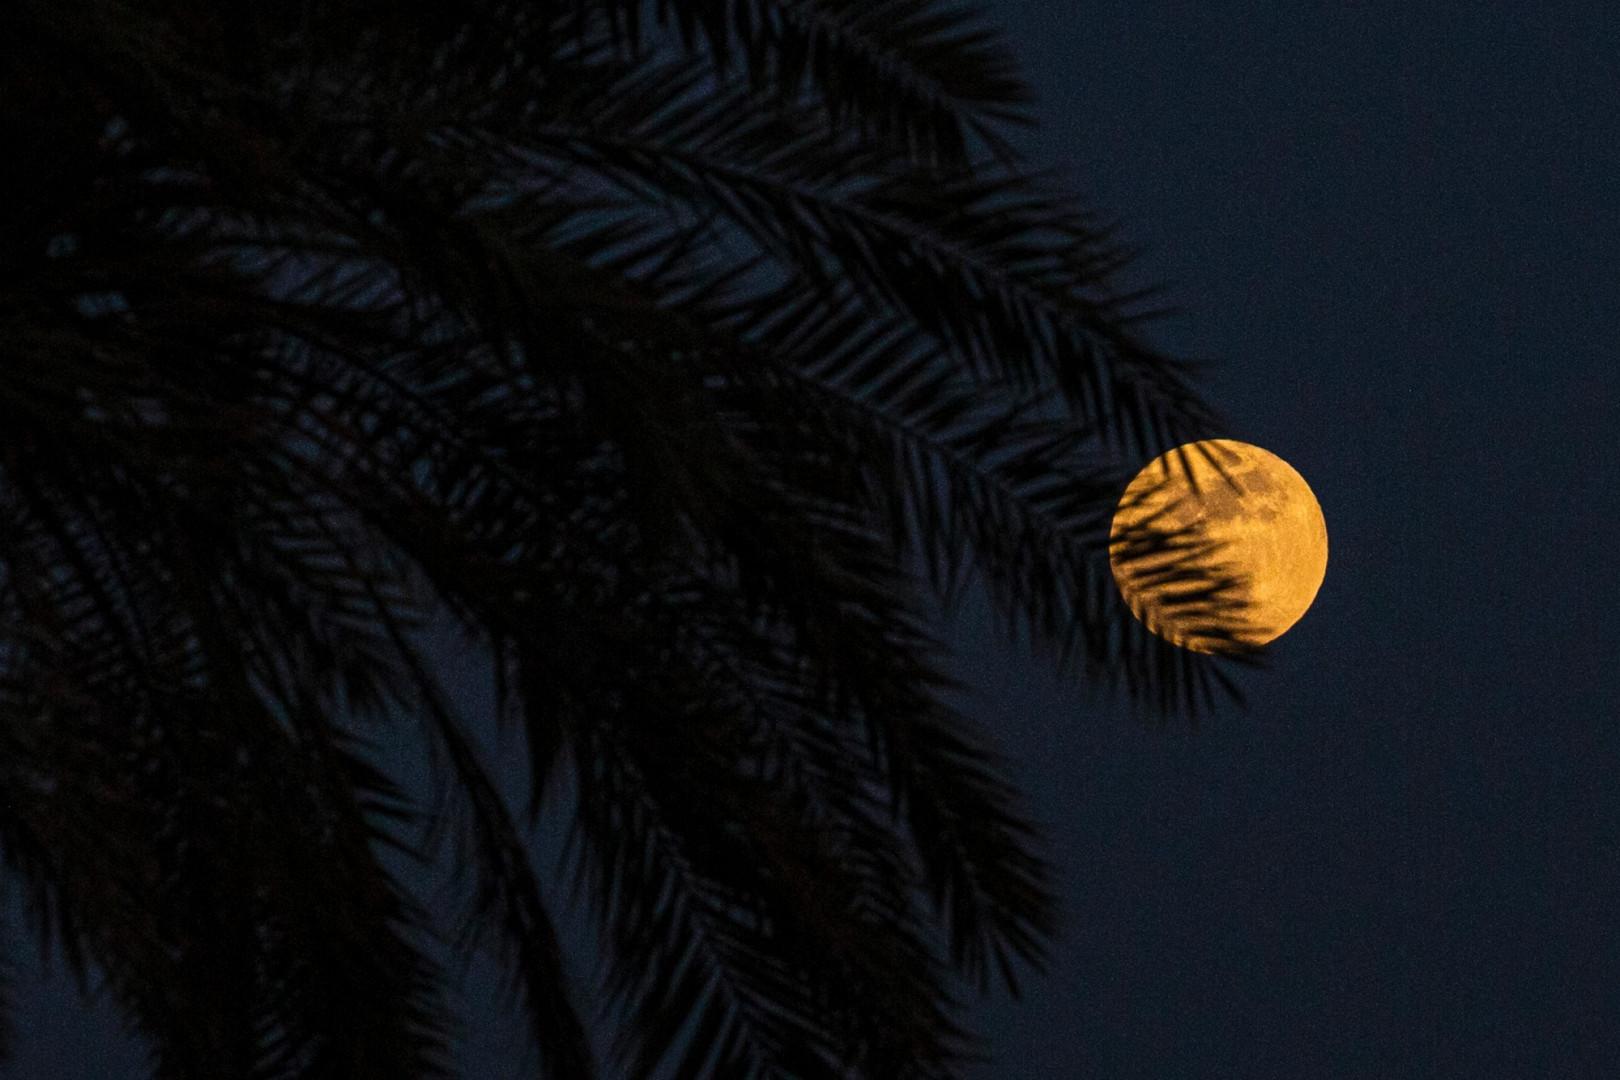 La pleine lune dans le ciel du port irakien de Basra pendant l'éclipse pénombrale.